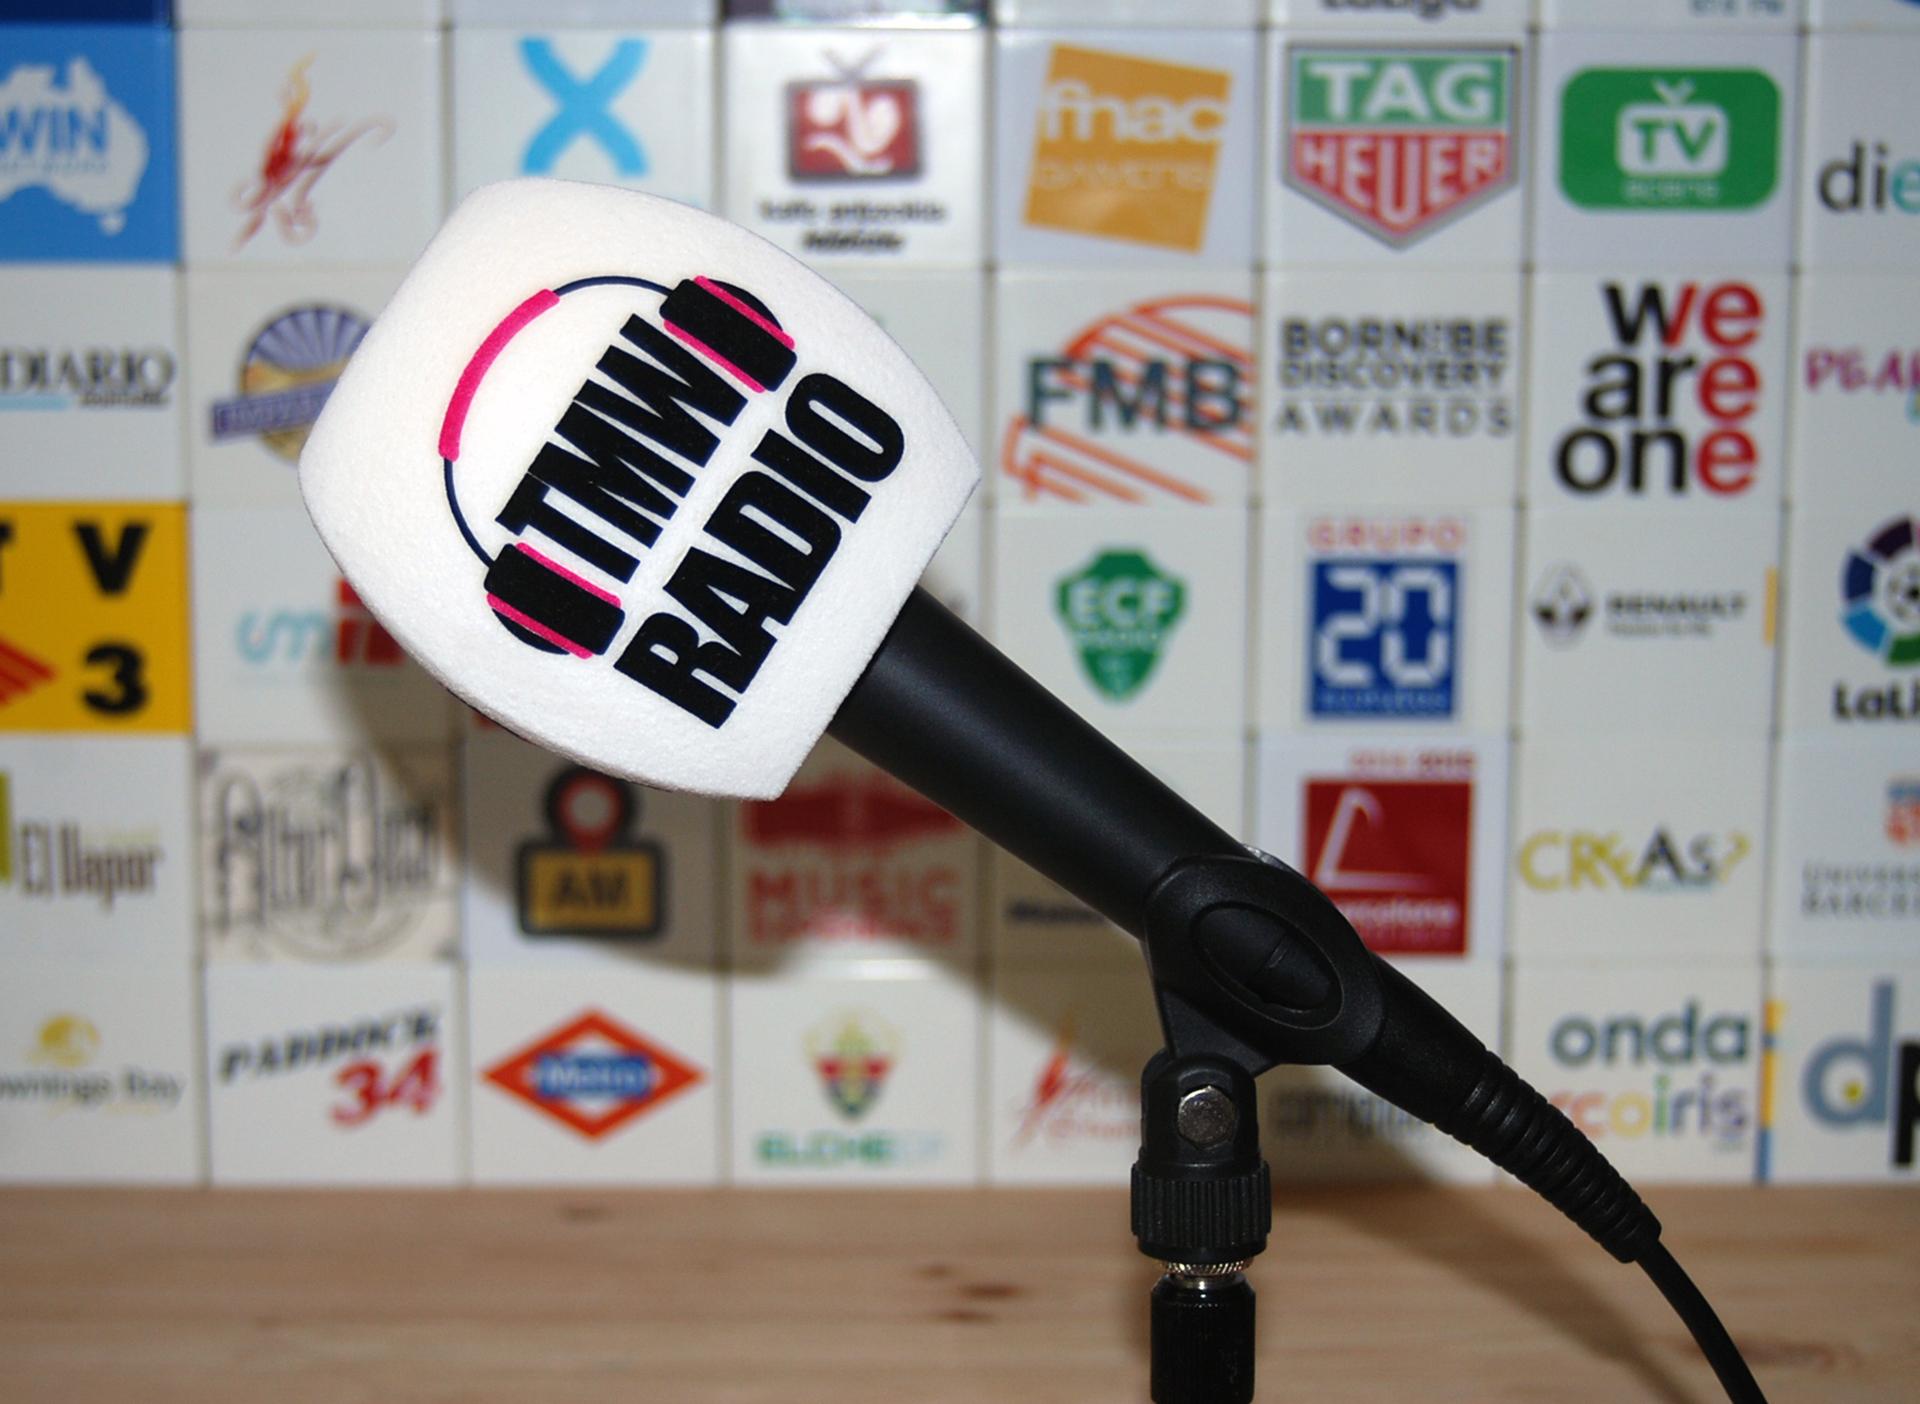 Microfoni TMW Radio